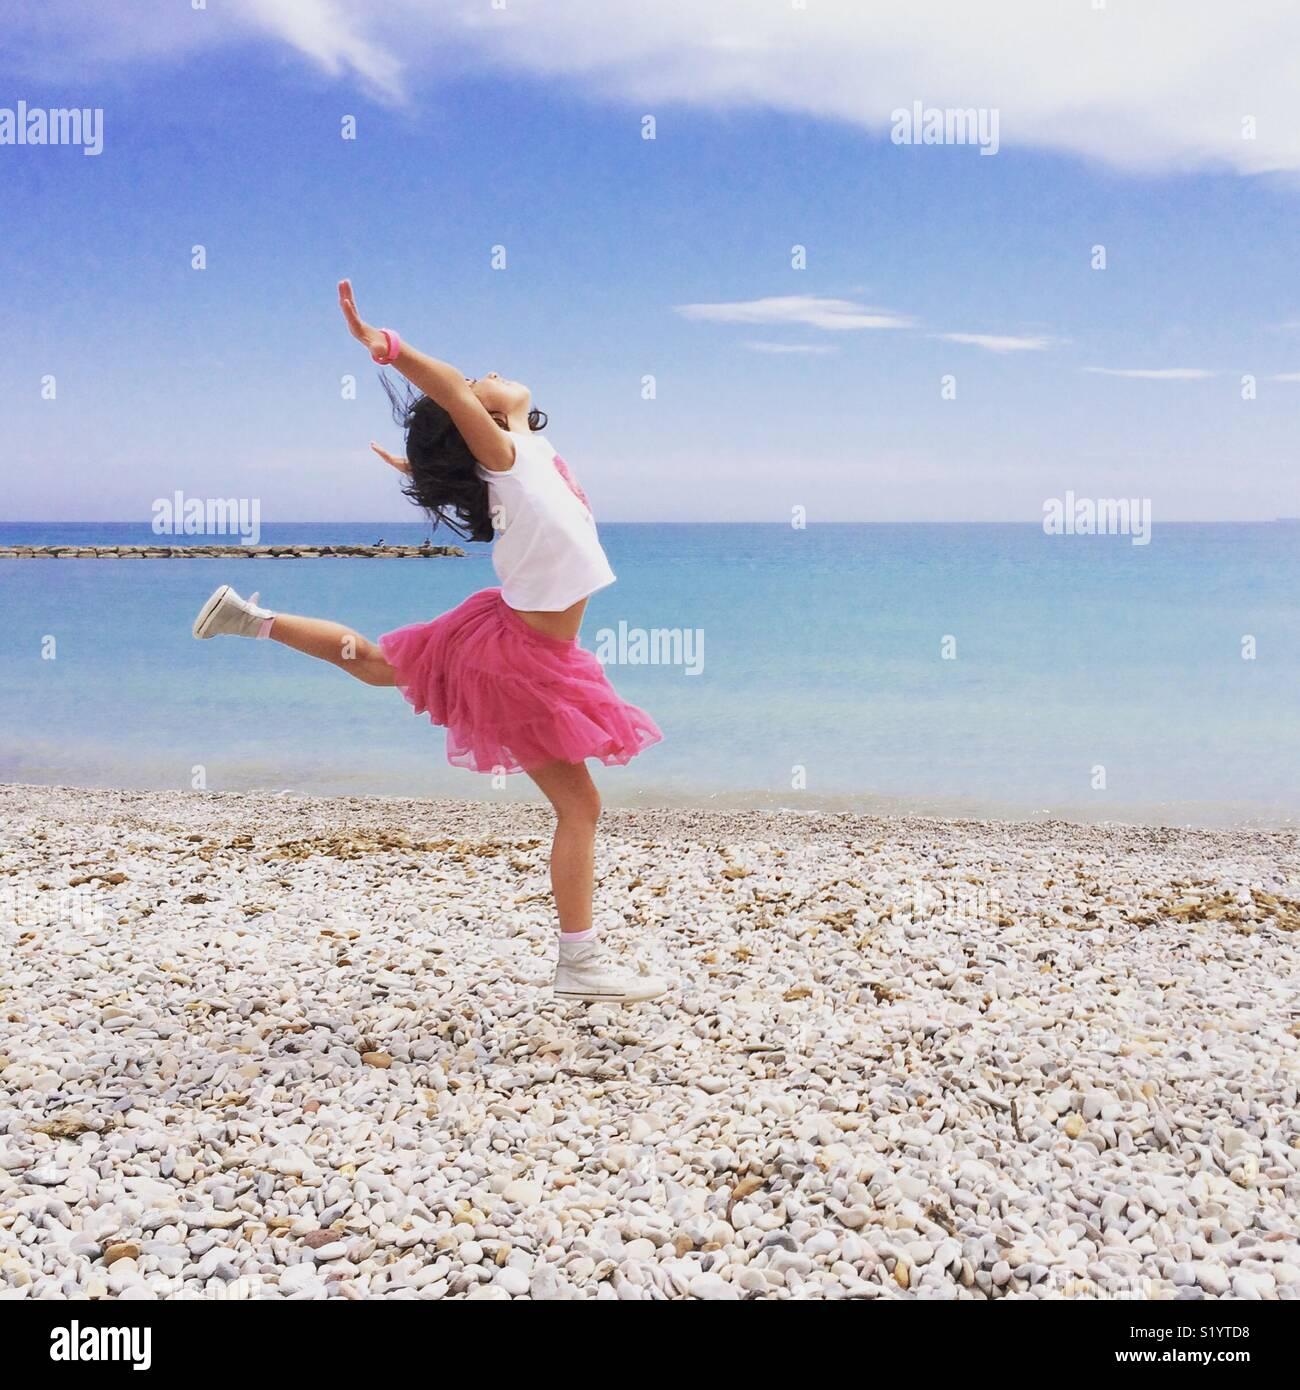 Jupe Fille en rose danse par la rive de la Mer Méditerranée Photo Stock